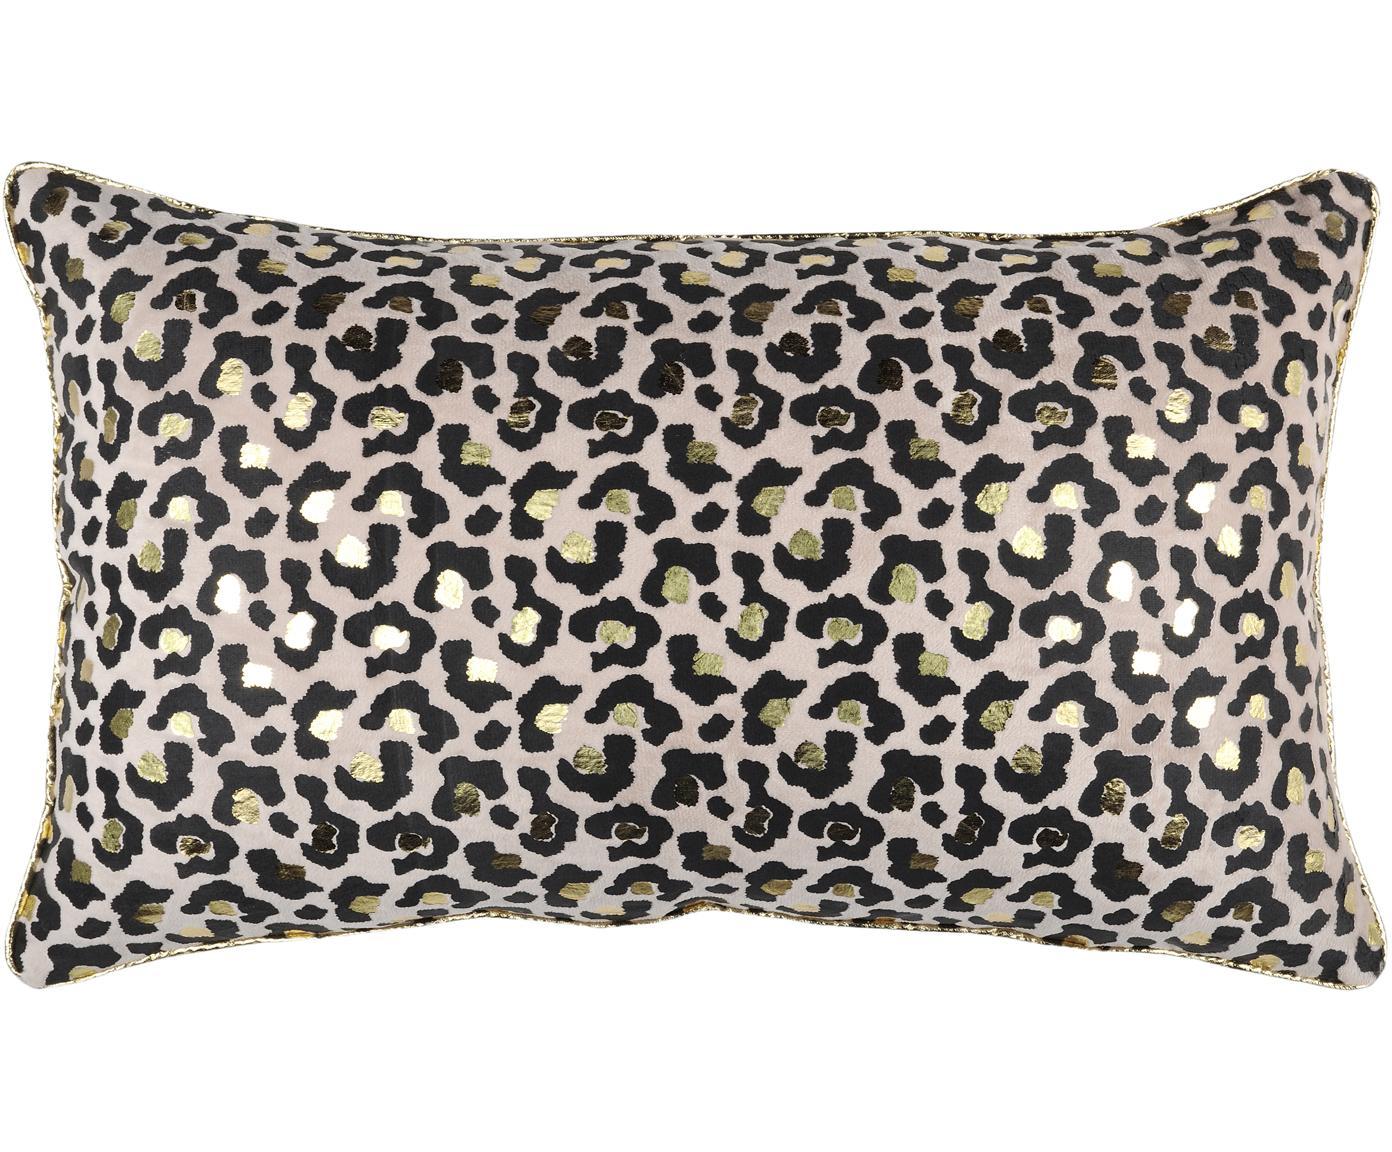 Poduszka z wypełnieniem Jangal, Poliester, Czarny, beżowy, odcienie złotego, S 30 x D 50 cm